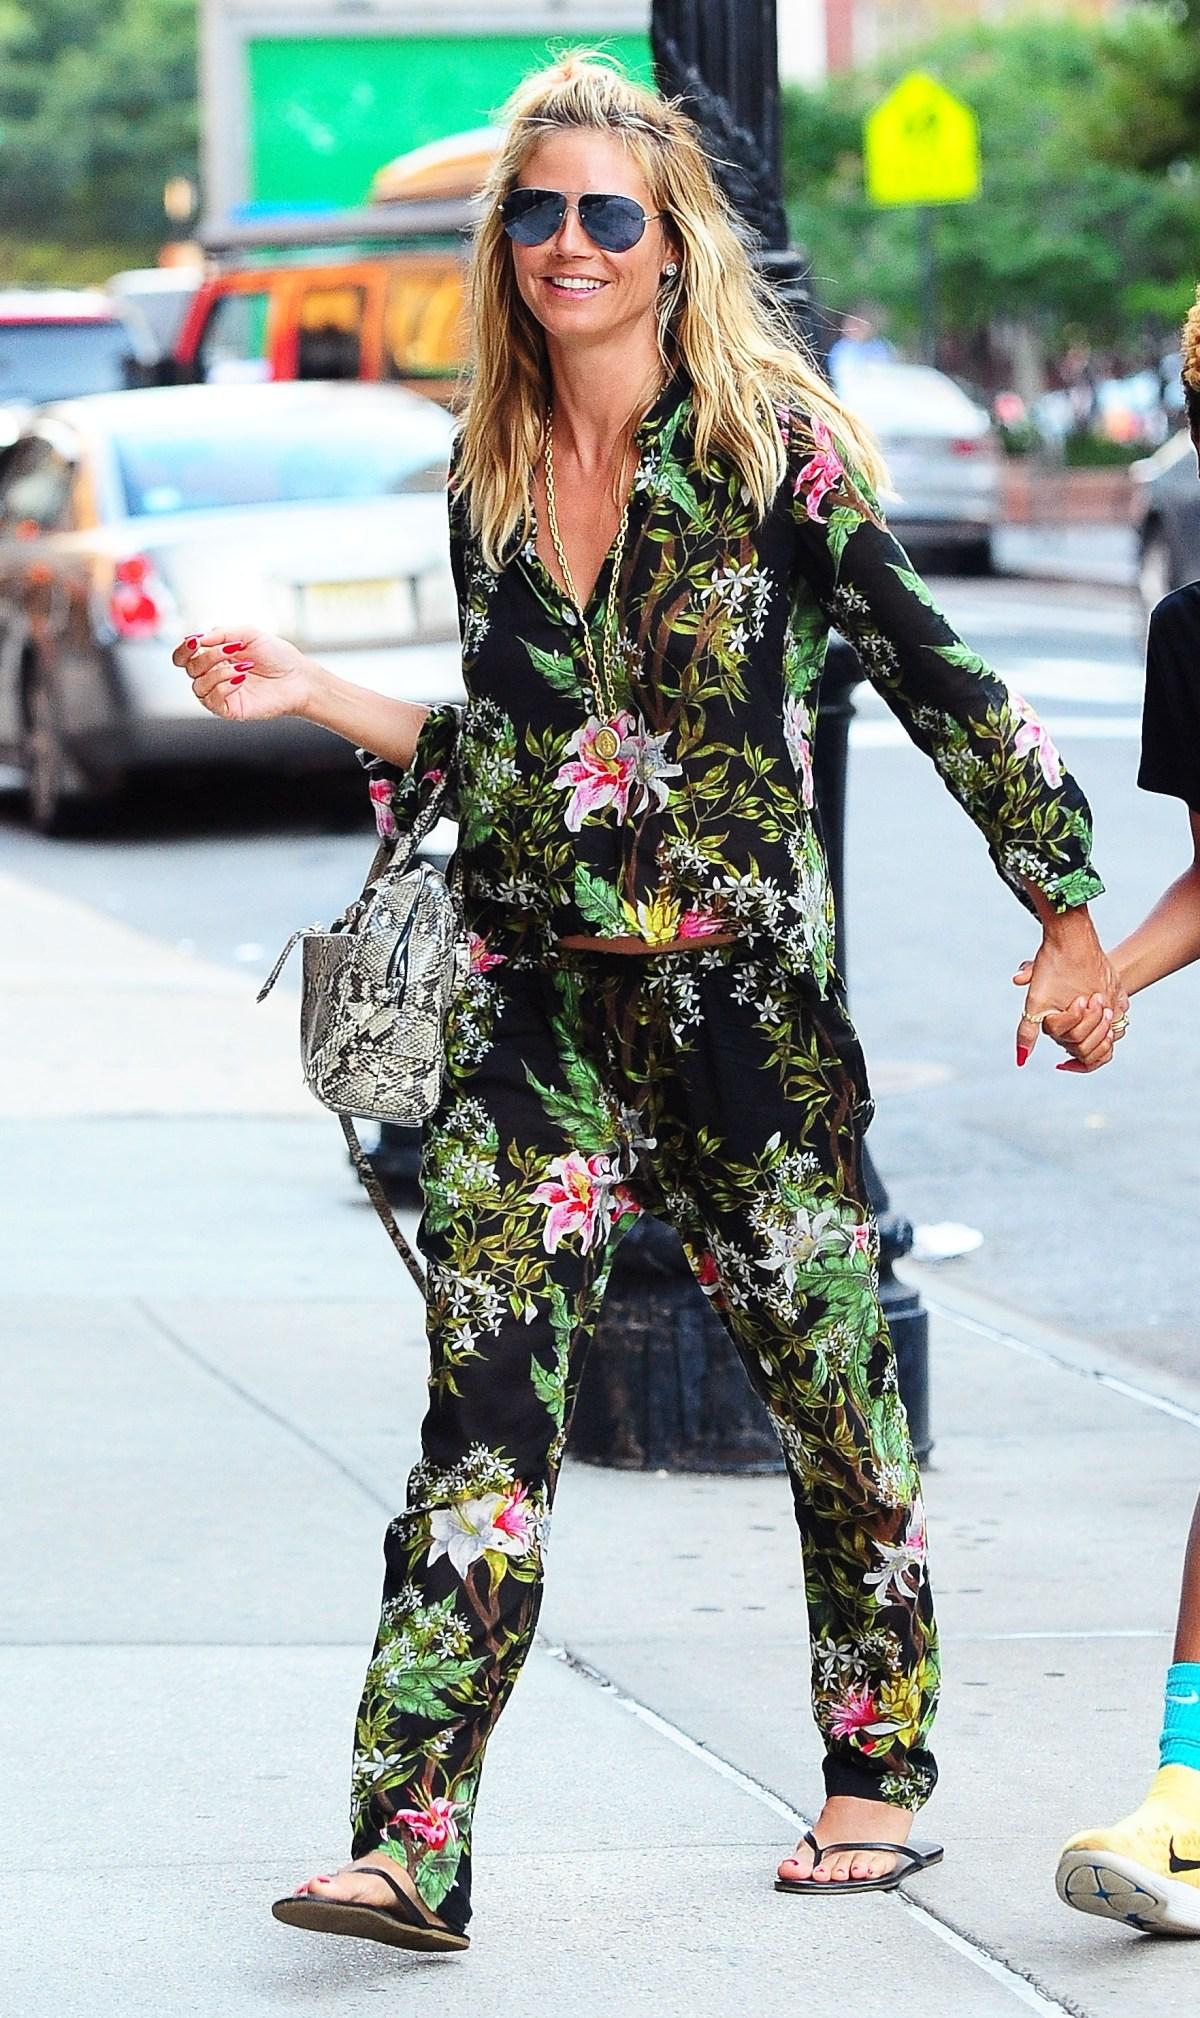 b26edd447efdf Celebrities Are Wearing Pajamas as Streetwear: Photos